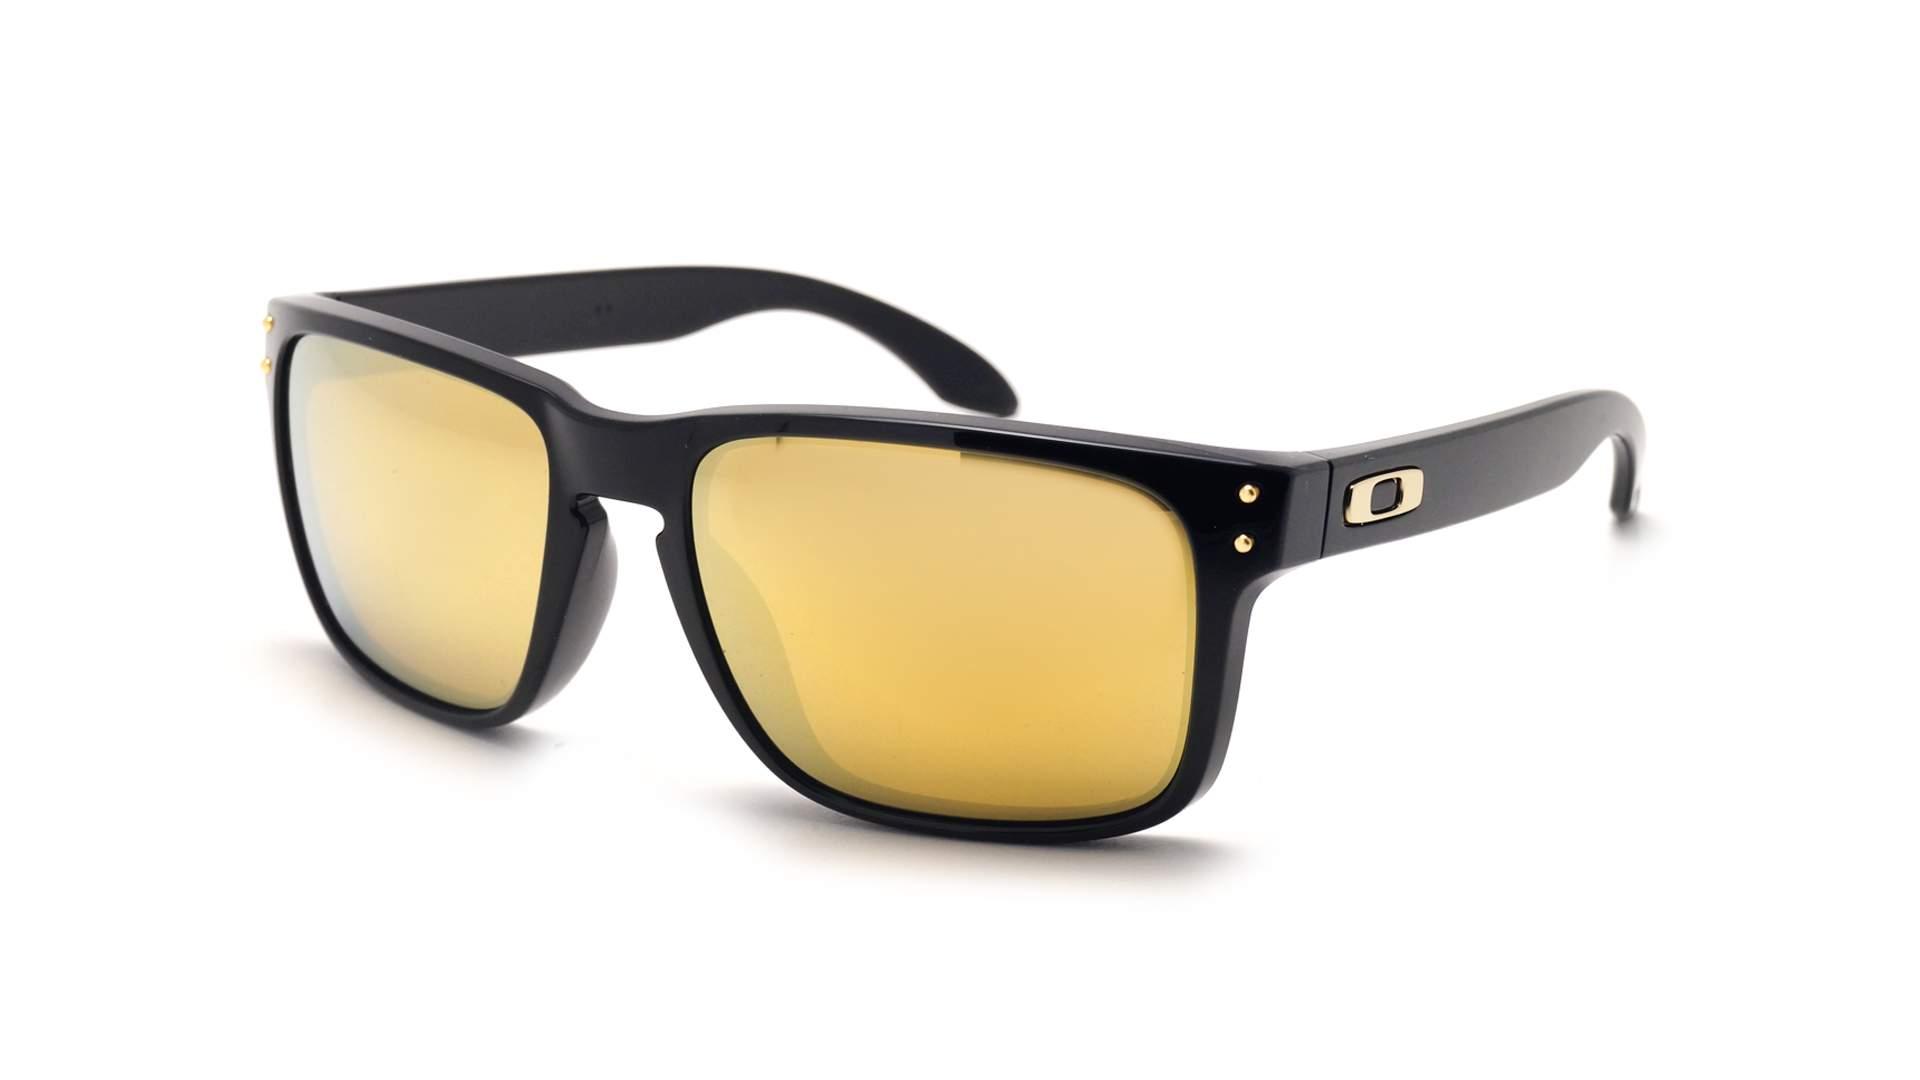 5b1de463f2a5e Lunettes de soleil Oakley Holbrook Noir OO9102 E3 55-18 Large Miroirs